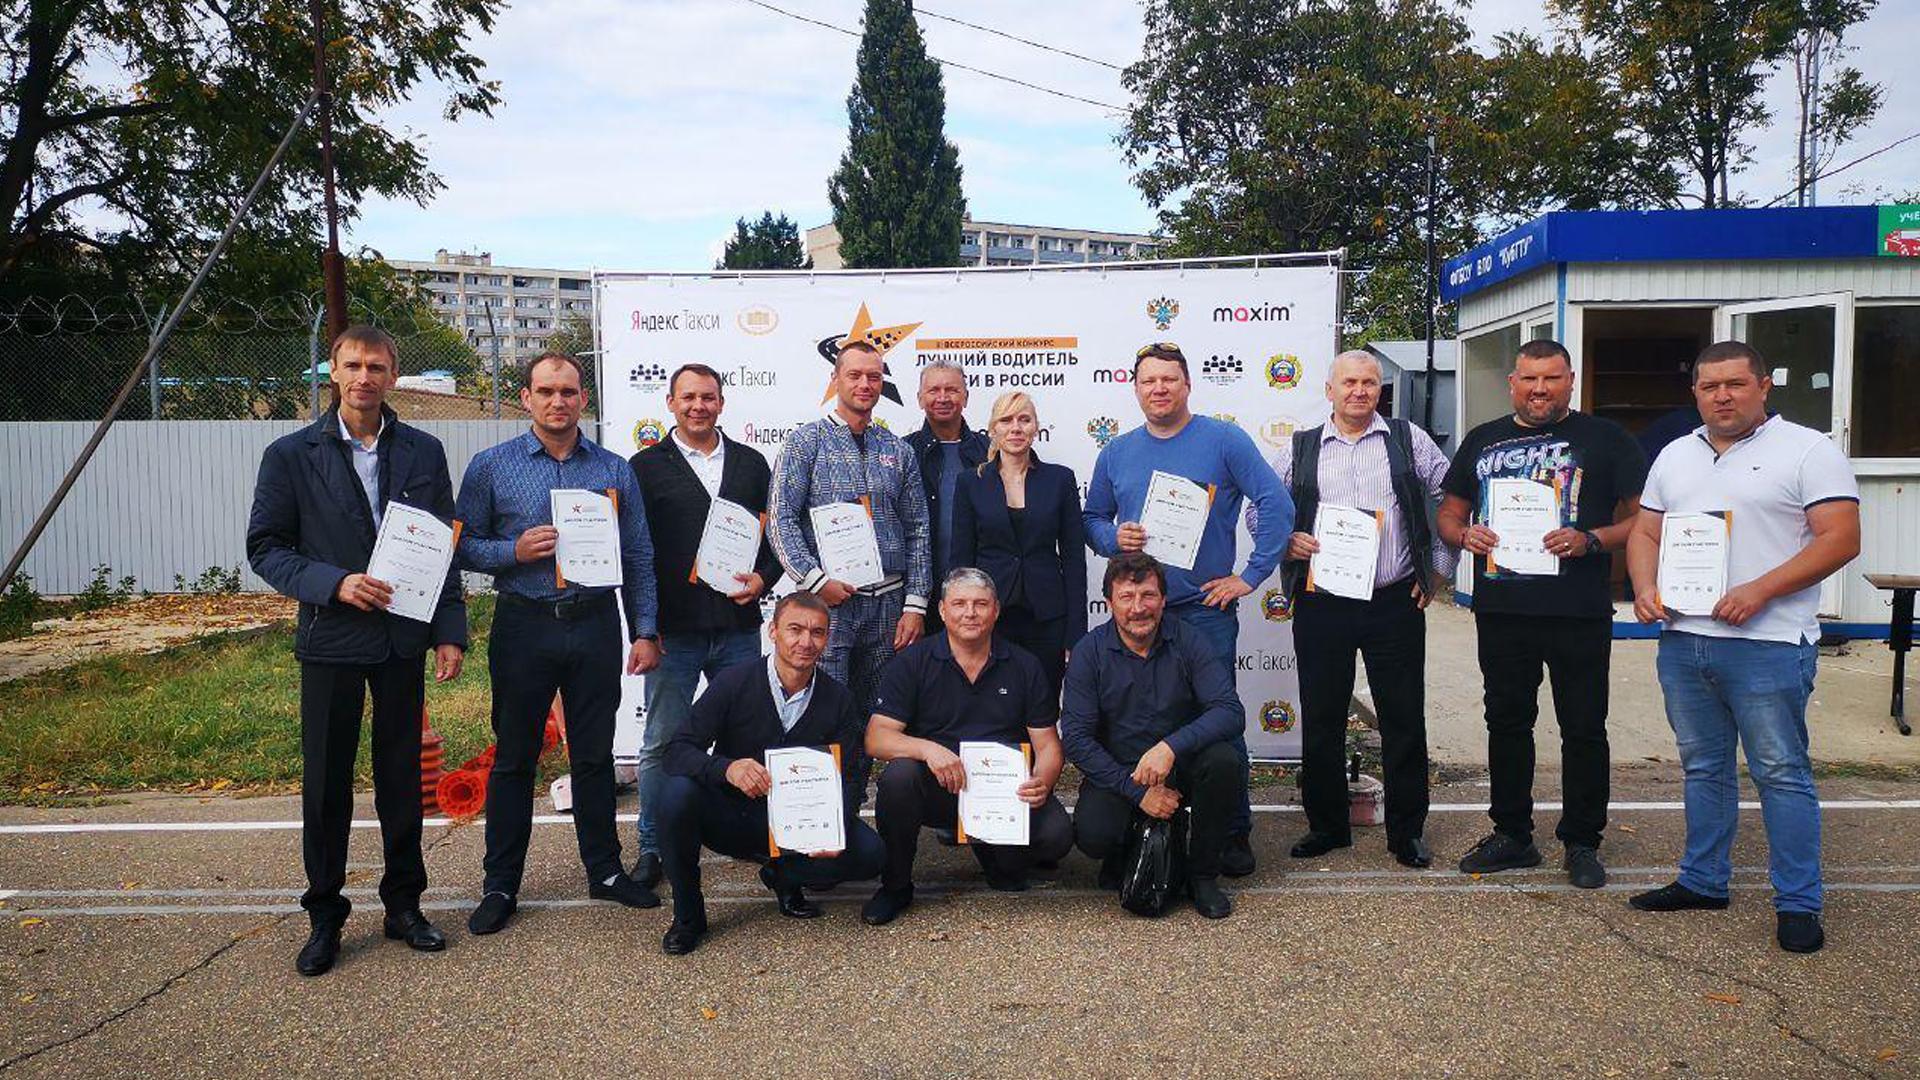 Победитель регионального этапа в Краснодарском крае — Владимир Кольва